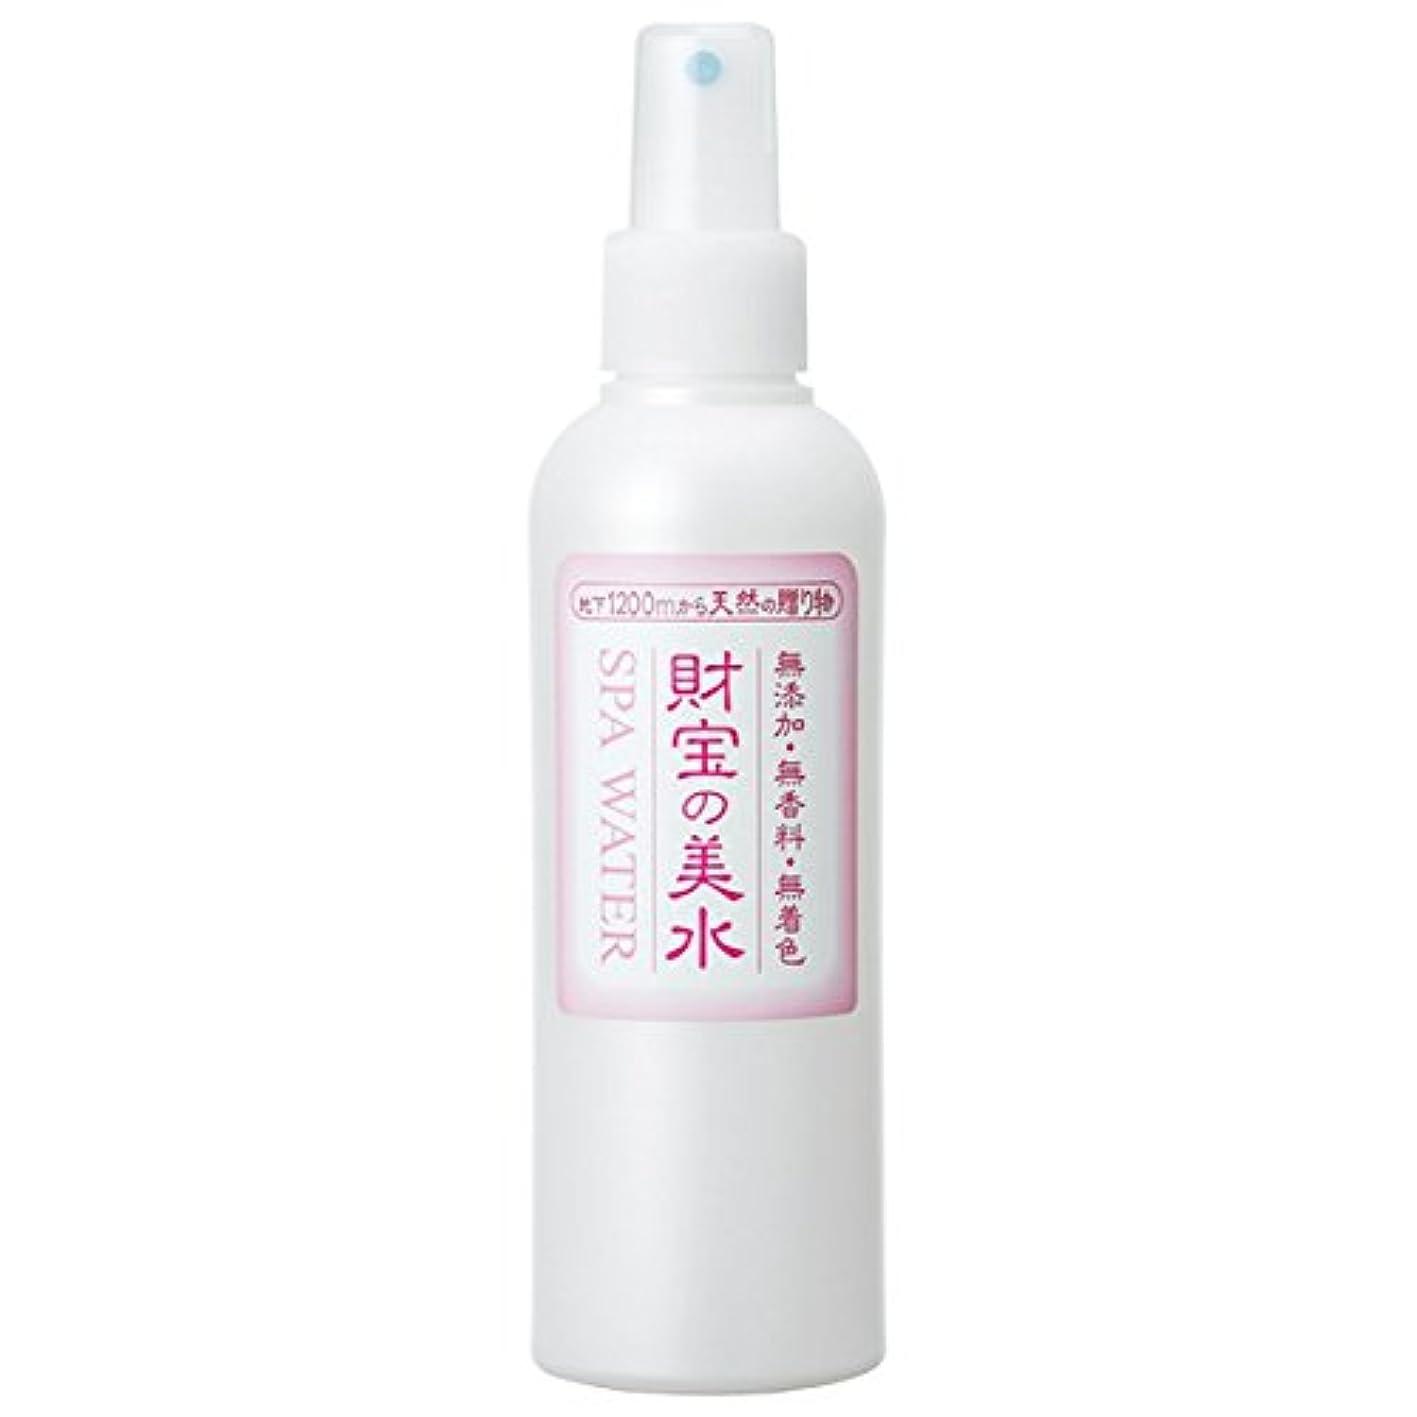 作動するピットクリーム財宝 温泉 美水 ミスト 化粧水 200ml